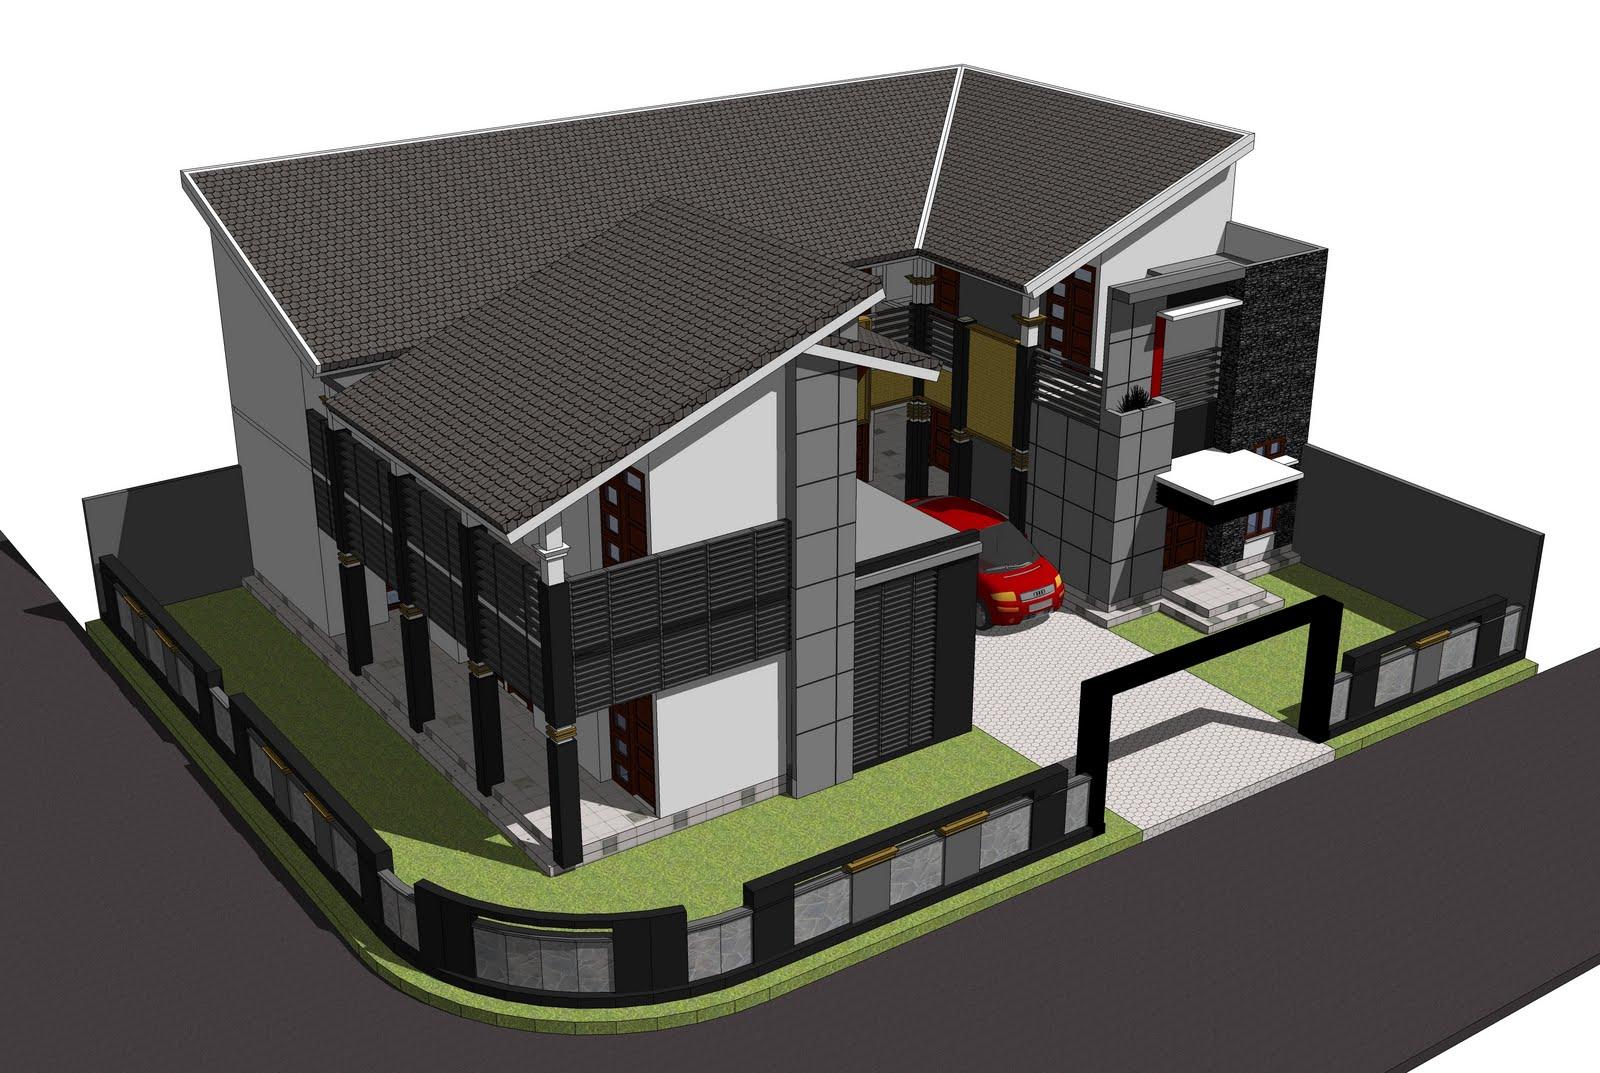 Prinsip desain rumah sudut (hoek) atau rumah pojok. Memiliki rumah sendiri itu idaman setiap orang. Apalagi kalau lokasinya ada di hook.